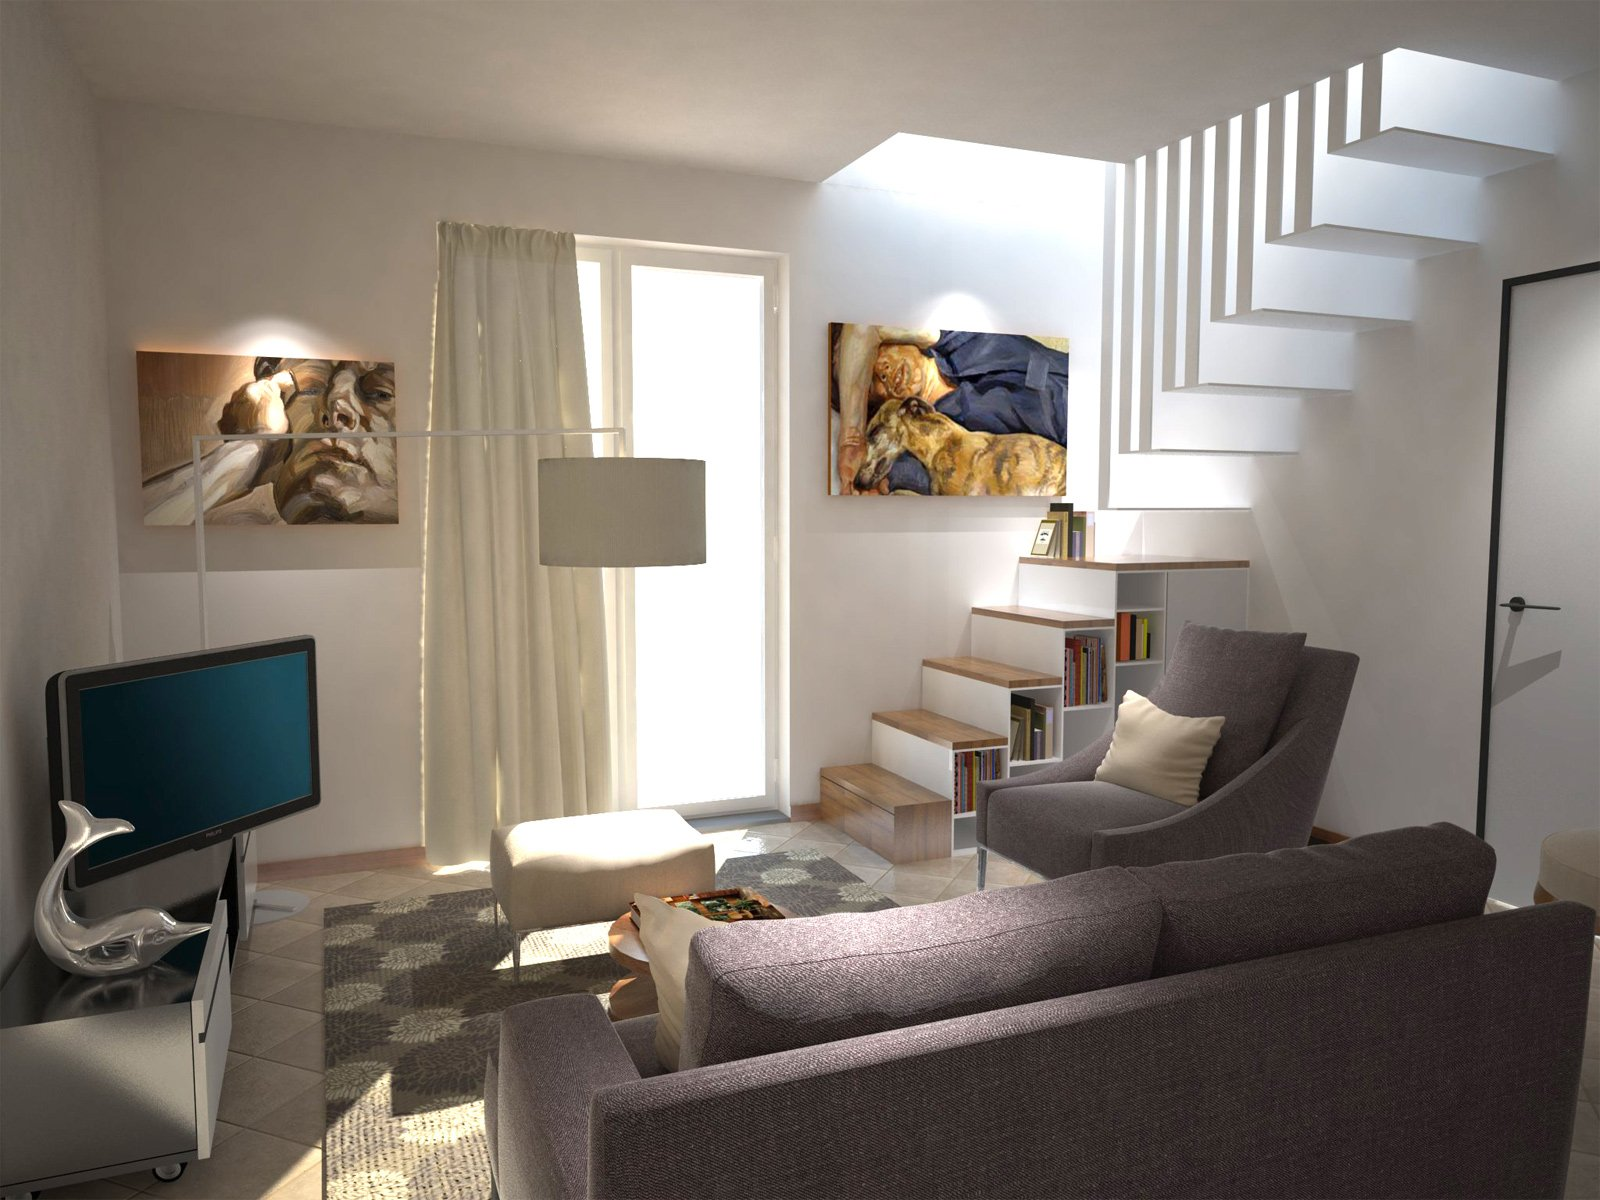 Arredare un soggiorno con tante aperture sulle pareti for Idee quadri soggiorno